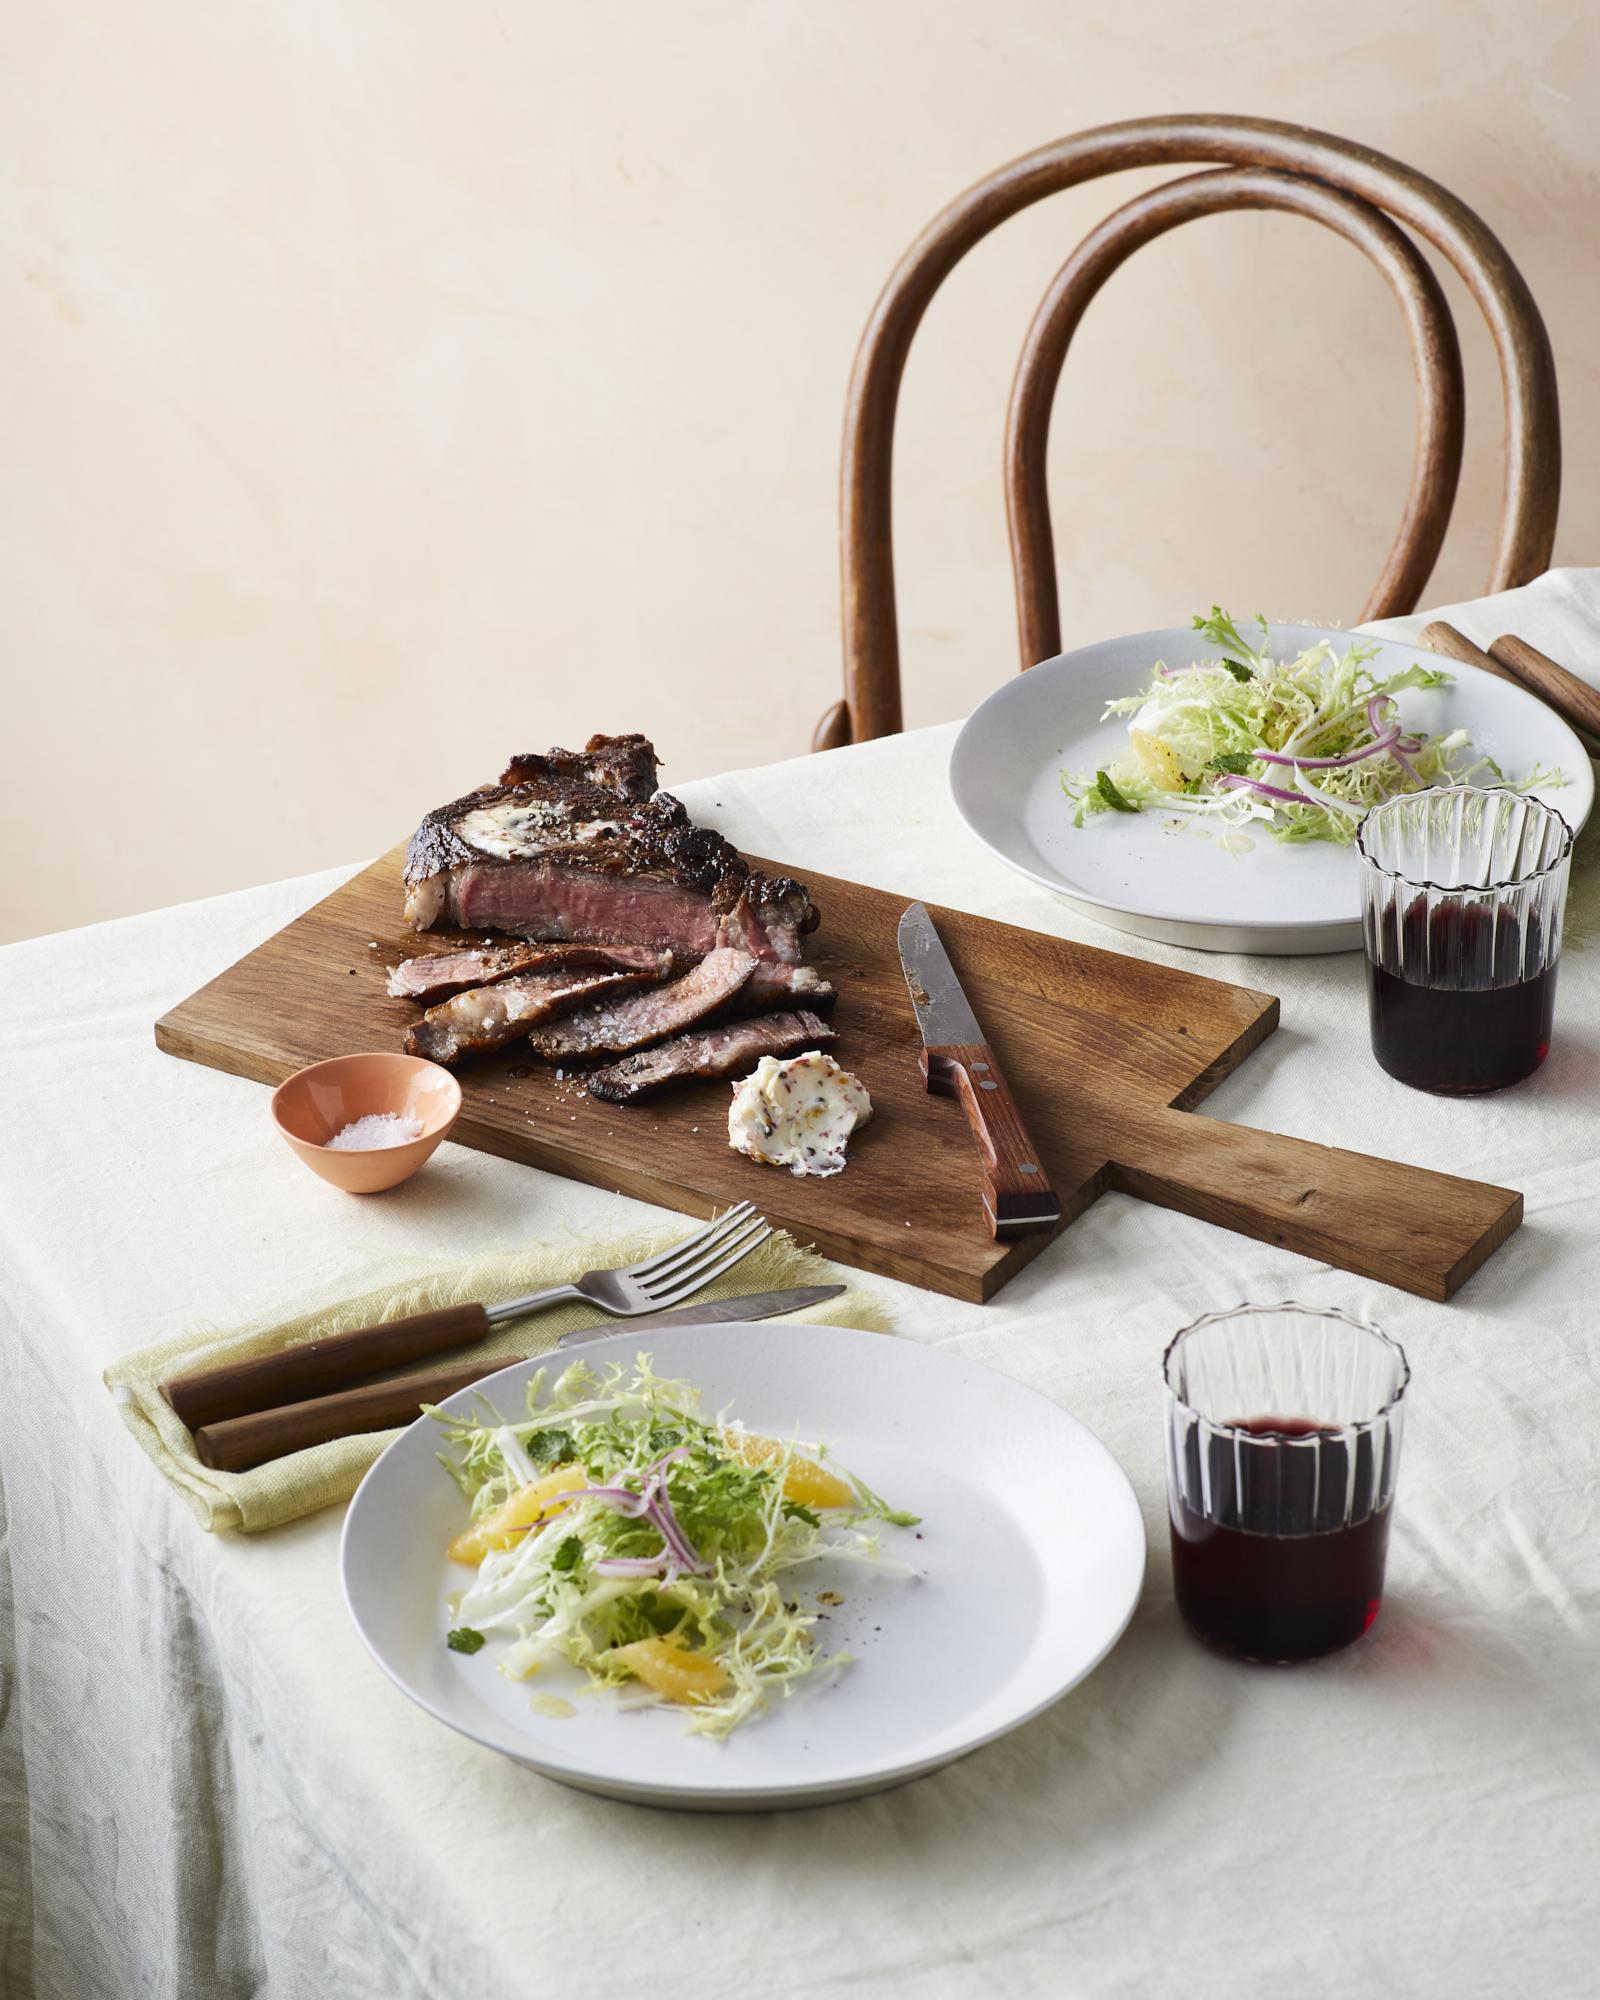 Steak-Opener-049-JF-6409899.jpg